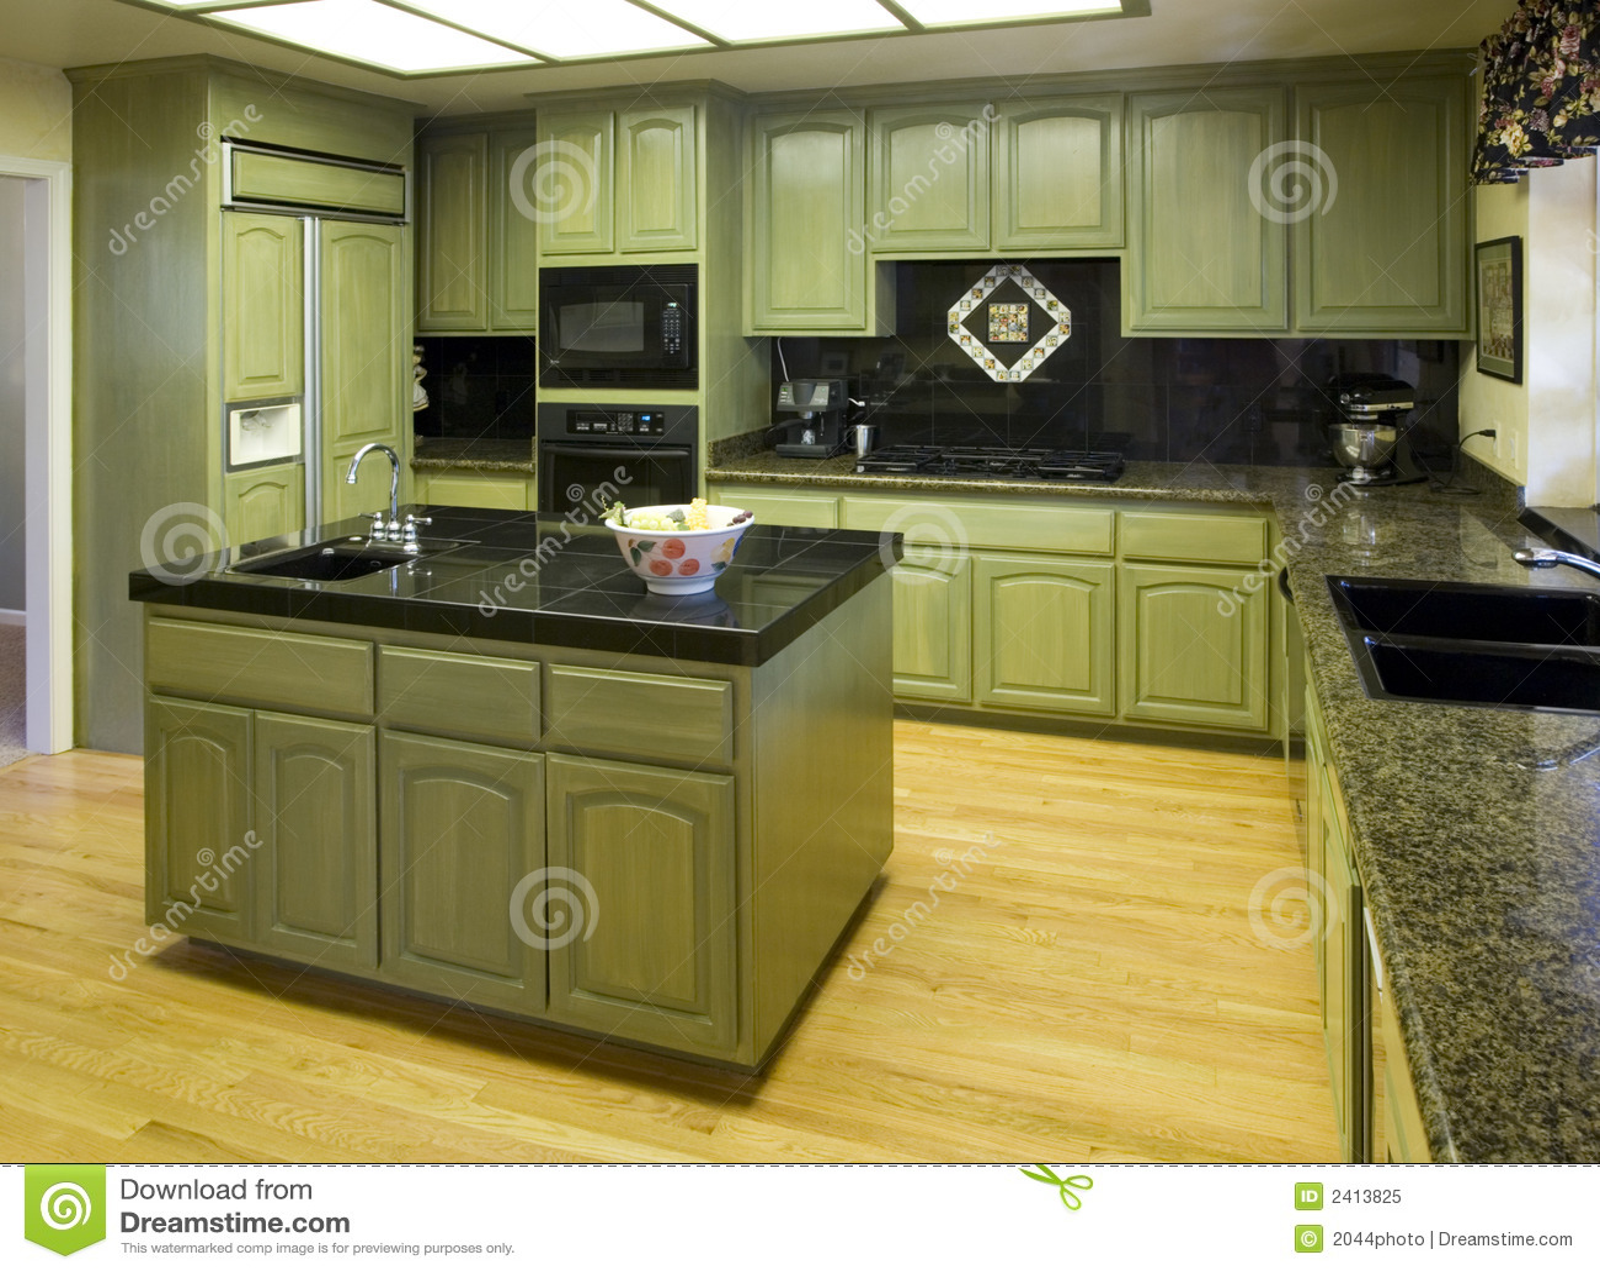 Cozinha Residencial Suburbana Foto de Stock Royalty Free  Imagem